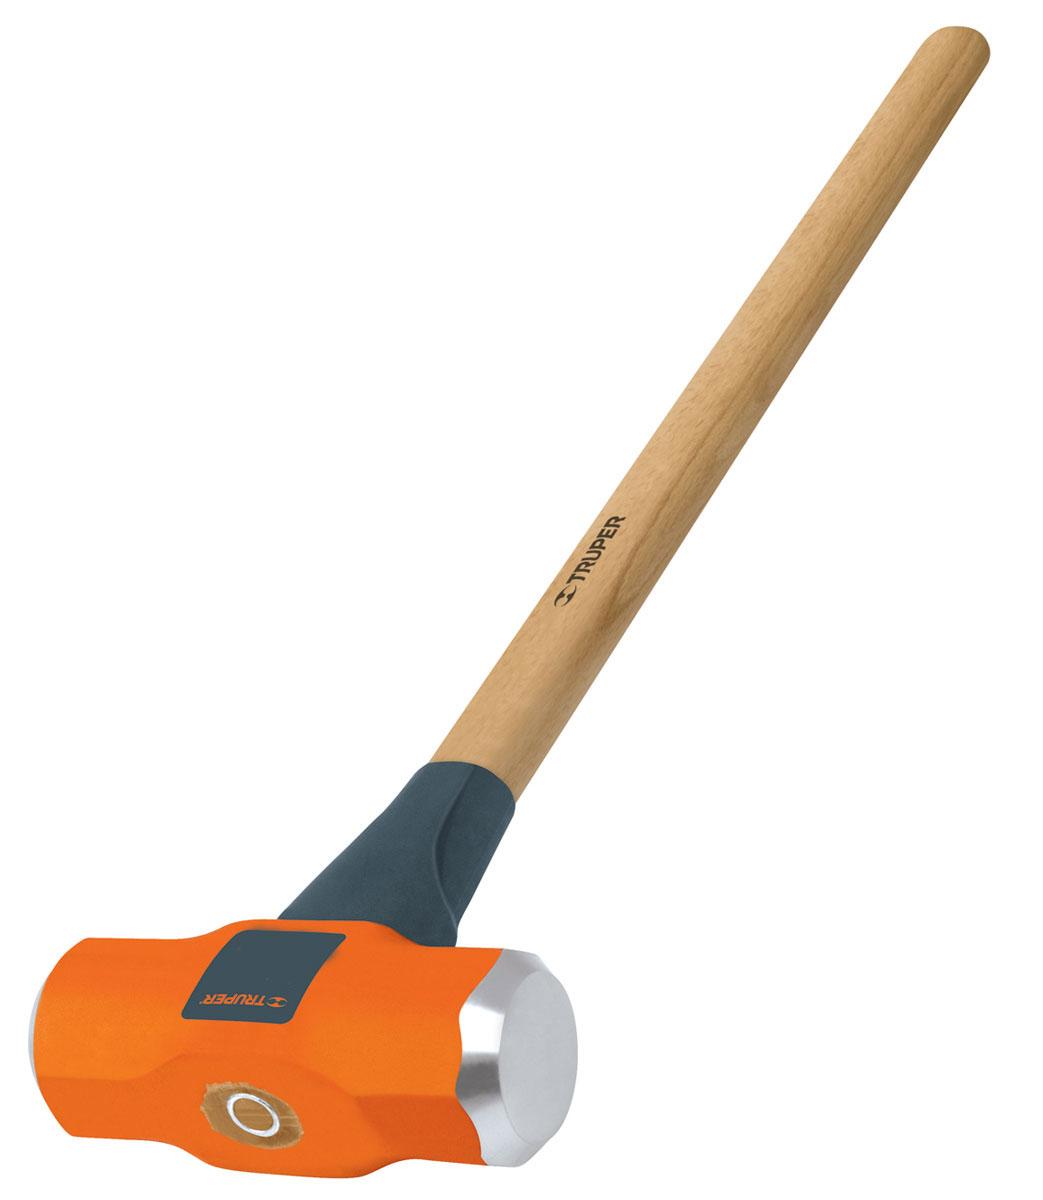 Кувалда Truper, с деревянной рукояткой, 3,62 кг98293777Кувалда Truper предназначена для нанесения исключительно сильных ударов при обработке металла, на демонтаже и монтаже конструкций. Деревянная ручка с антишоковой защитой, изготовленная из дуба, обеспечивает надежный хват. Финишная обработка бойка.